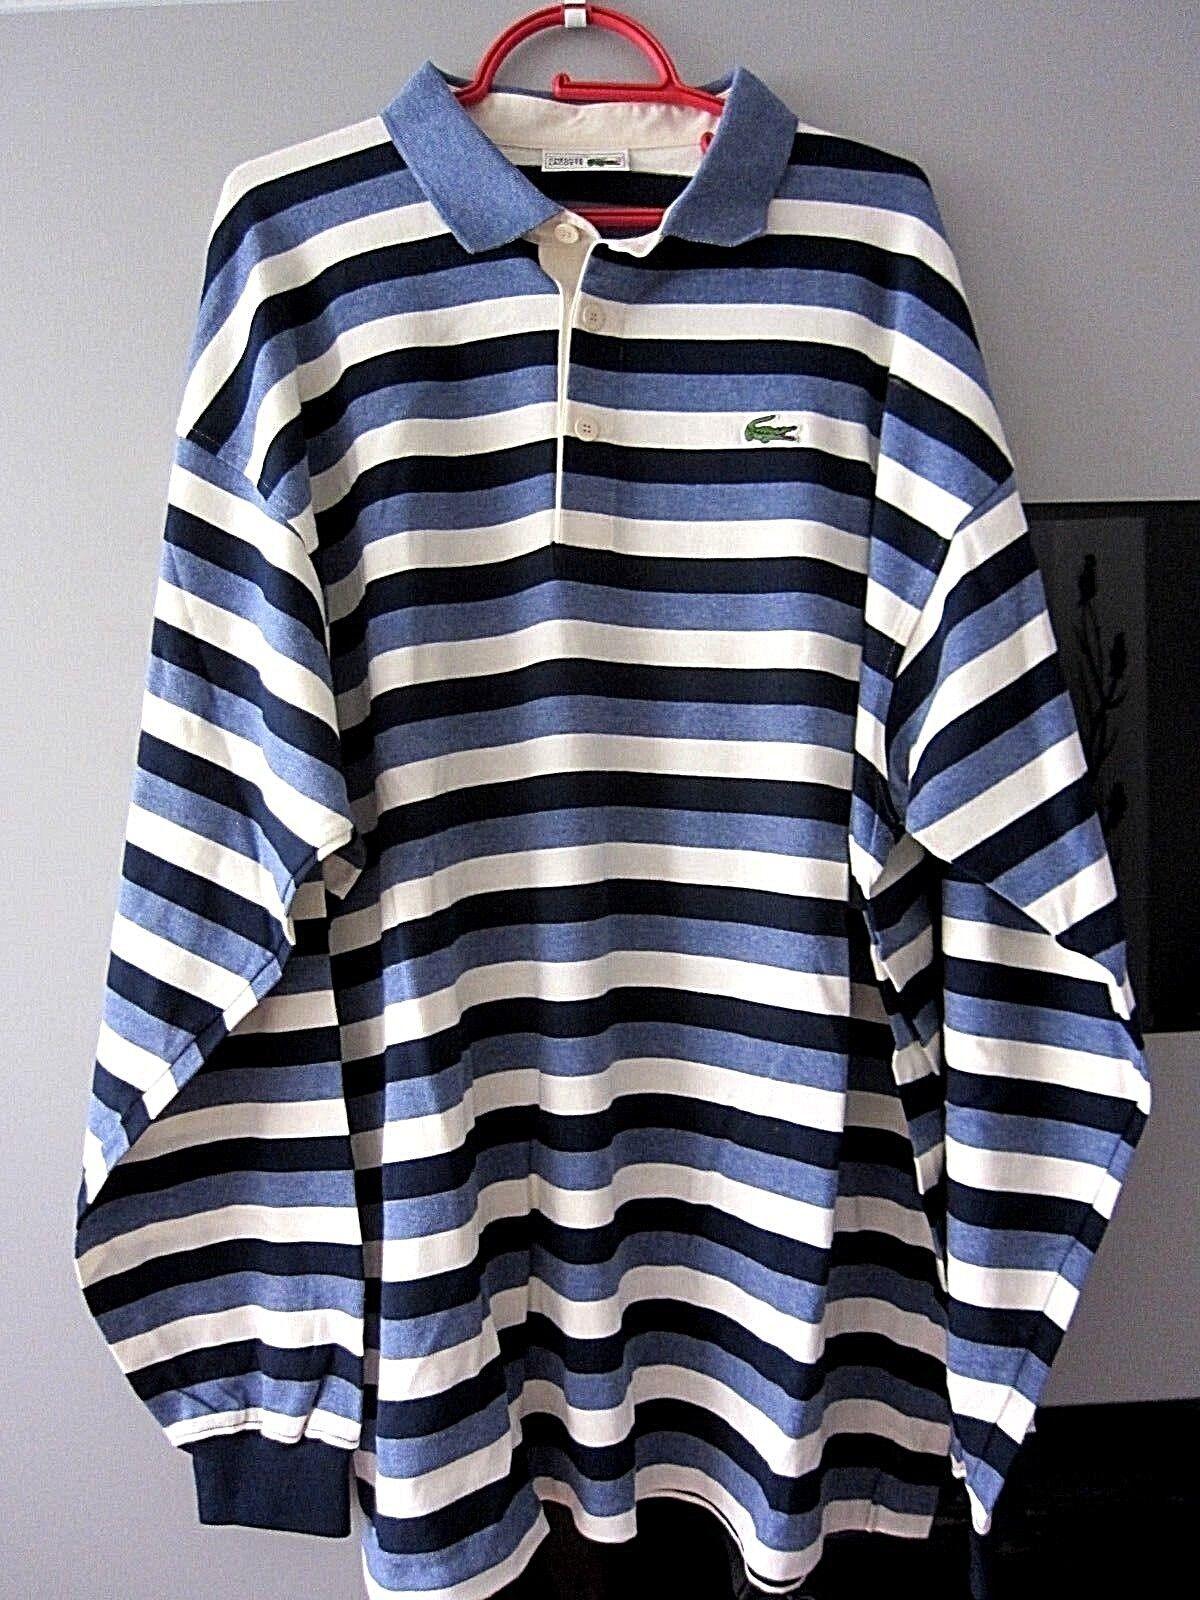 Sweatshirt Chemise Lacoste in XL sehr hochwertig Herren Shirt Herrensweatshirt